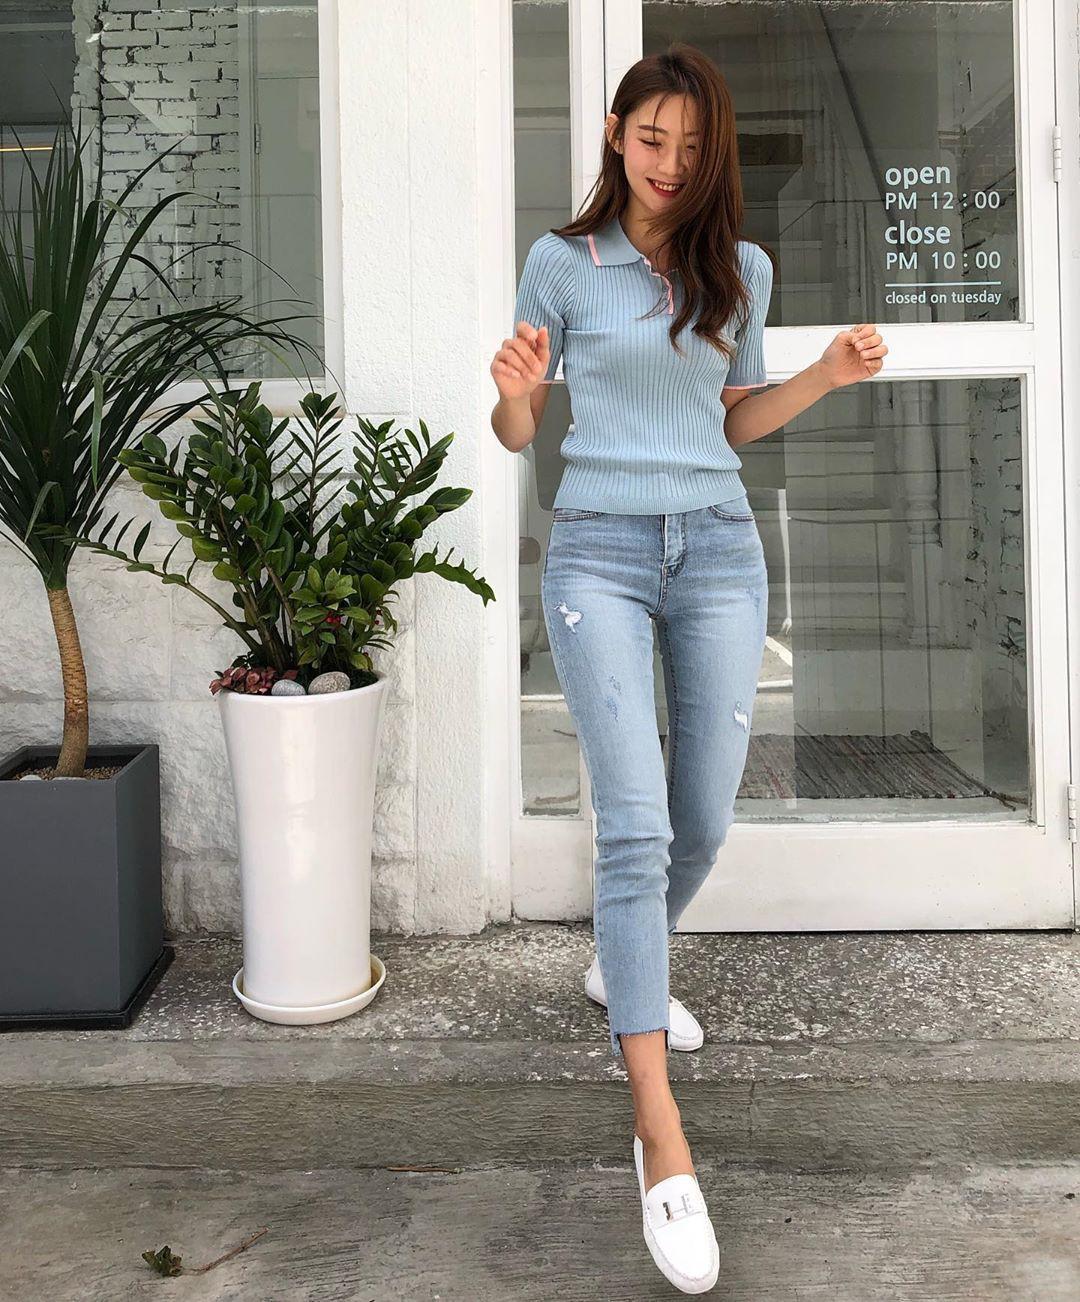 Nô nức diện váy thô mùa hè cho mát, muốn mặc đẹp hãy tham khảo 15 bộ đồ từ street style Châu Á này - Ảnh 5.